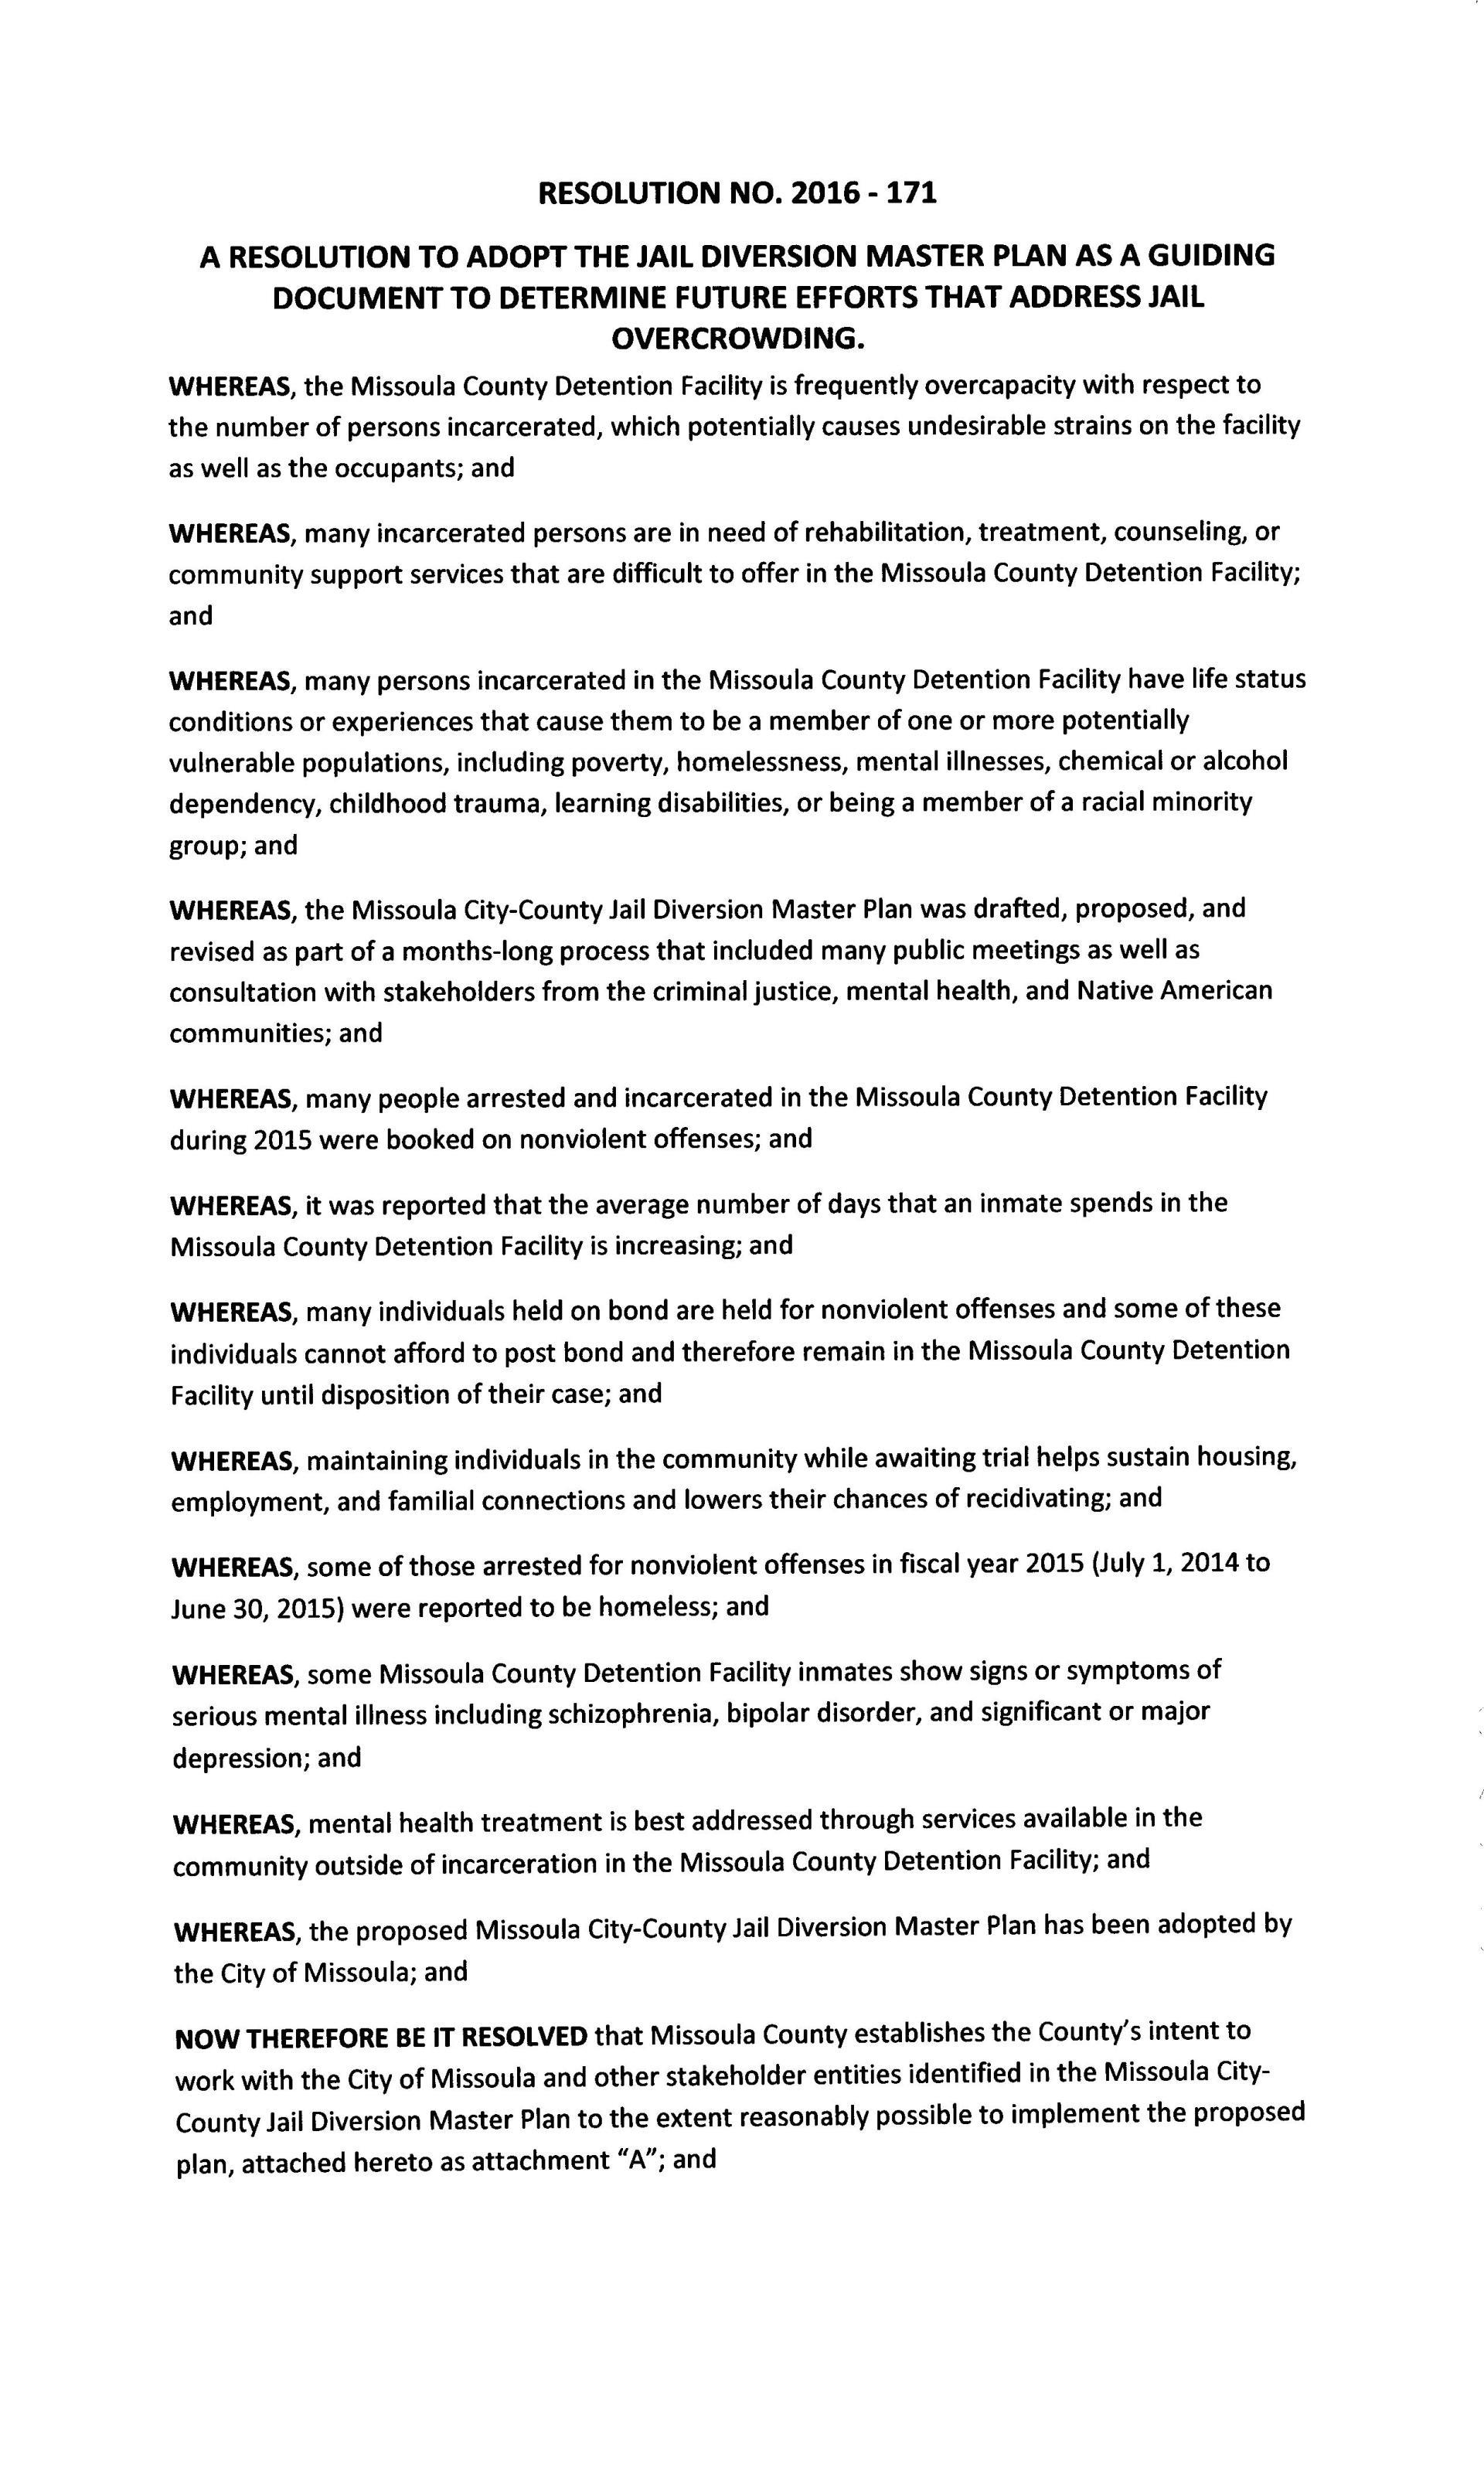 Jail Diversion Master Plan Resolution